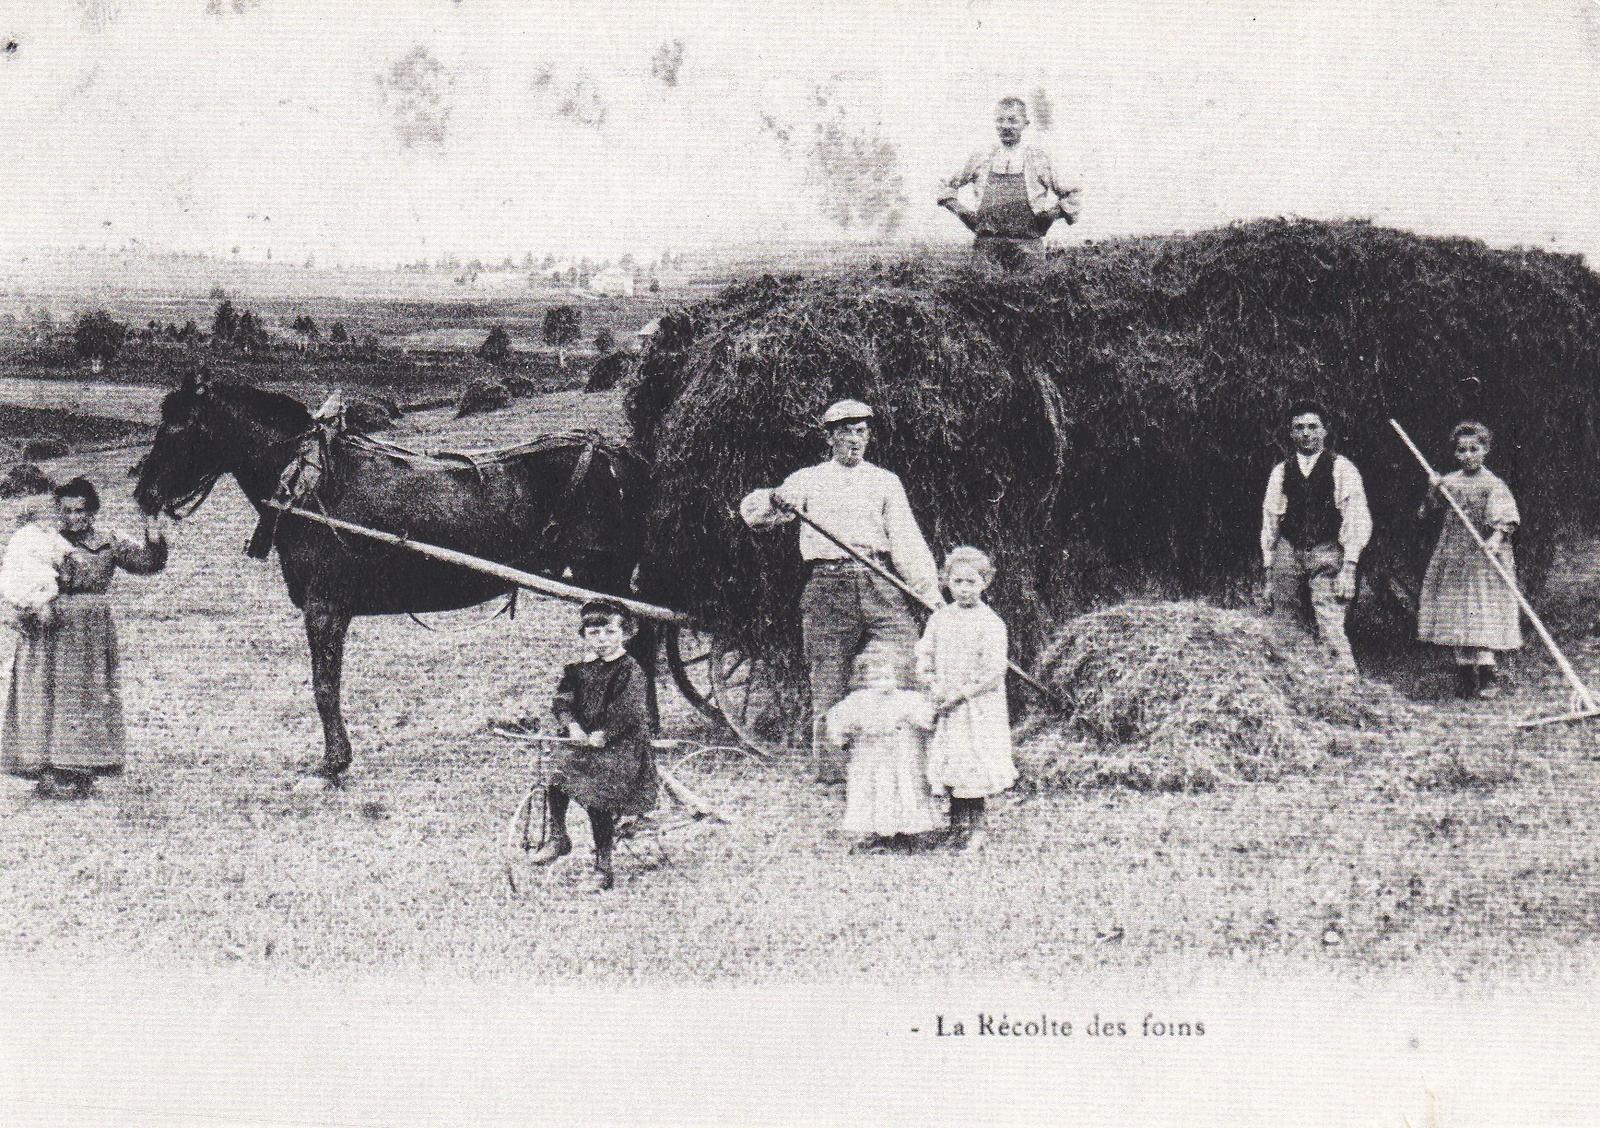 Aix-Noulette -   la récolte des foins en 1900 travaux des champs